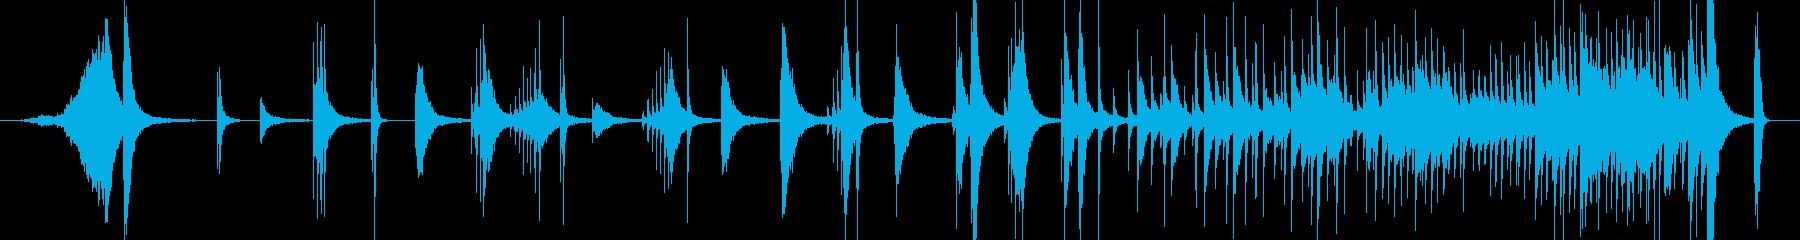 シンバル11大太鼓激しい合戦戦い戦闘打ちの再生済みの波形